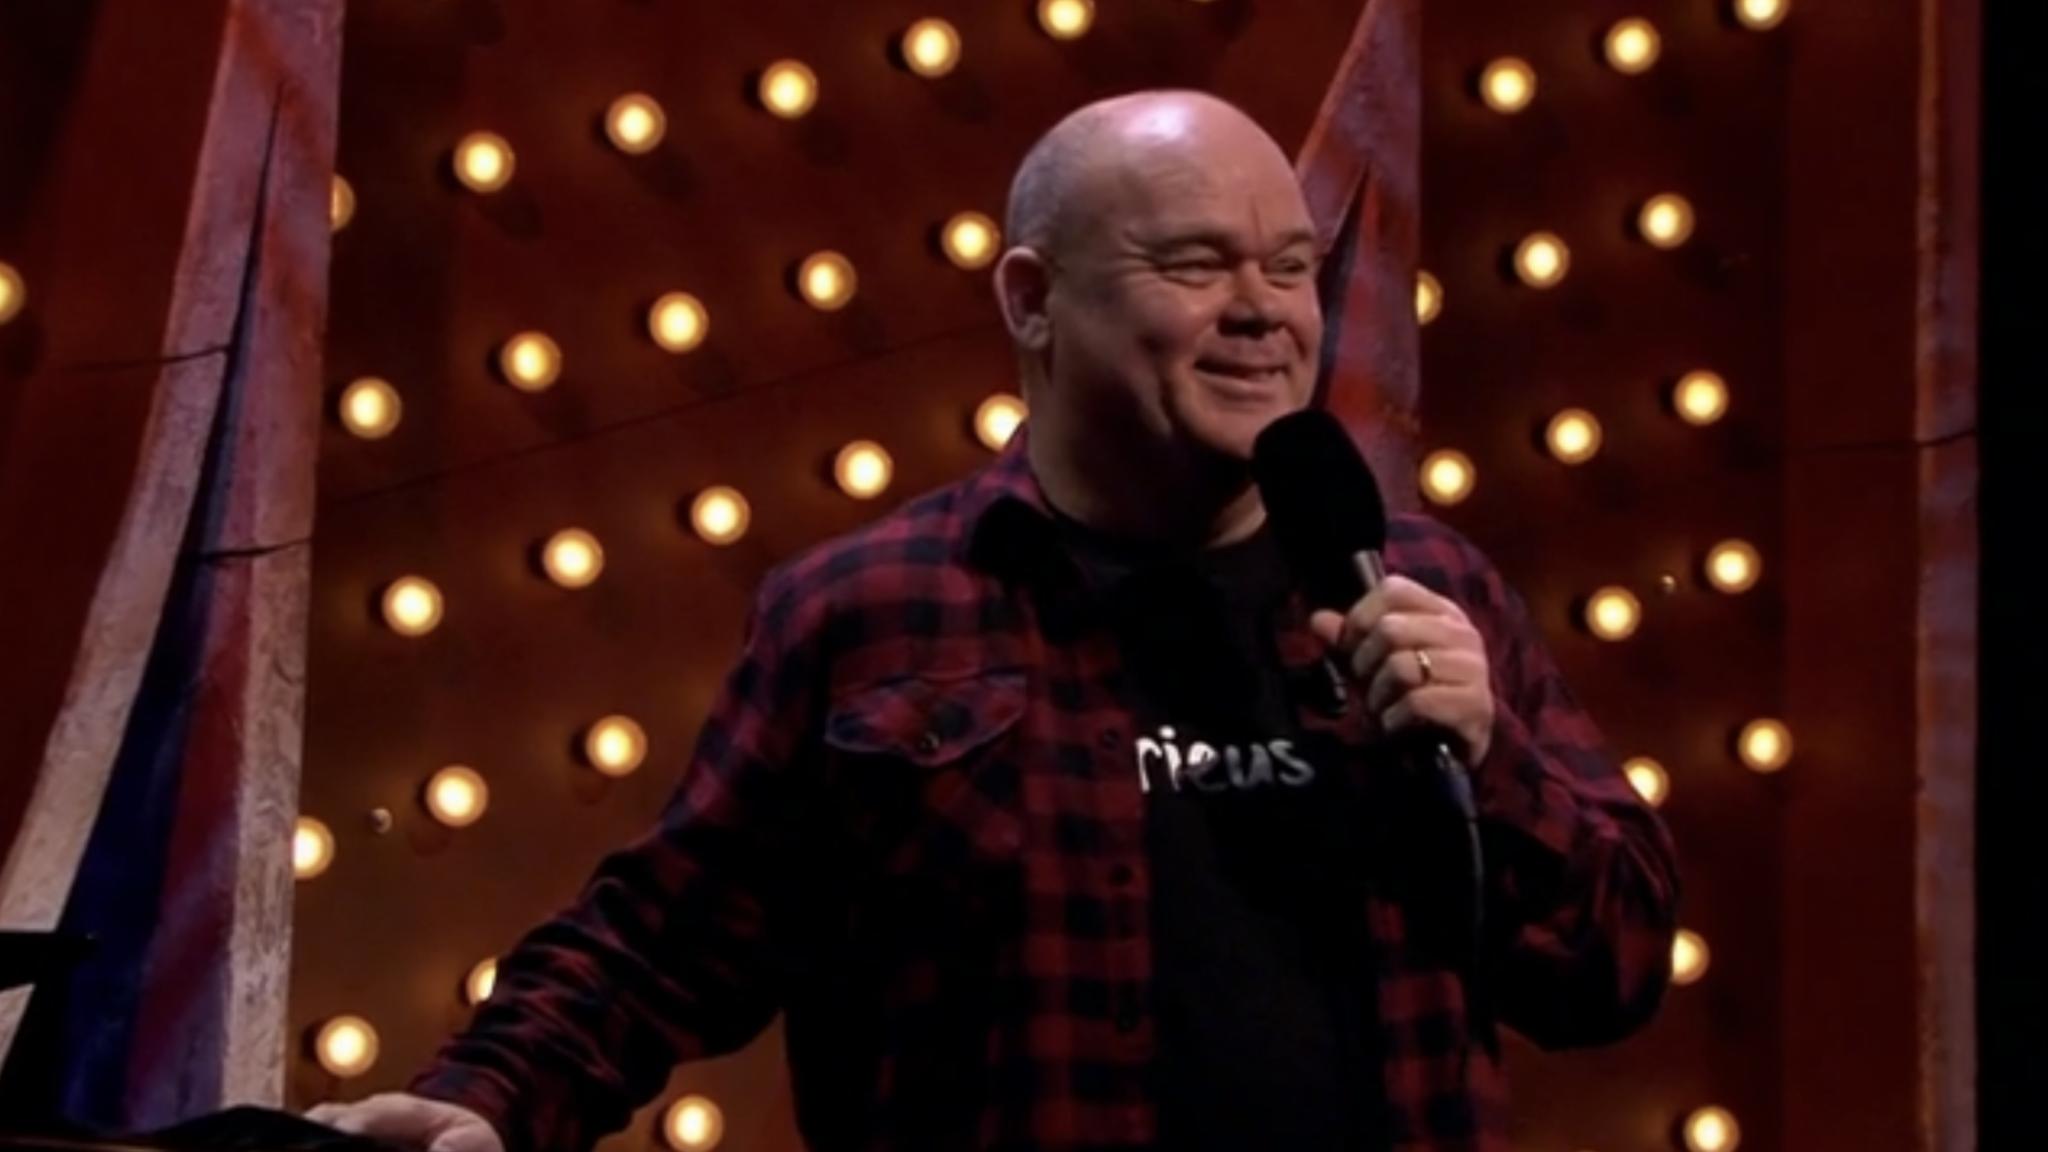 Paul de Leeuw geeft verrassingsoptreden bij M: 'Heeft 'ie haast?' - RTL Nieuws